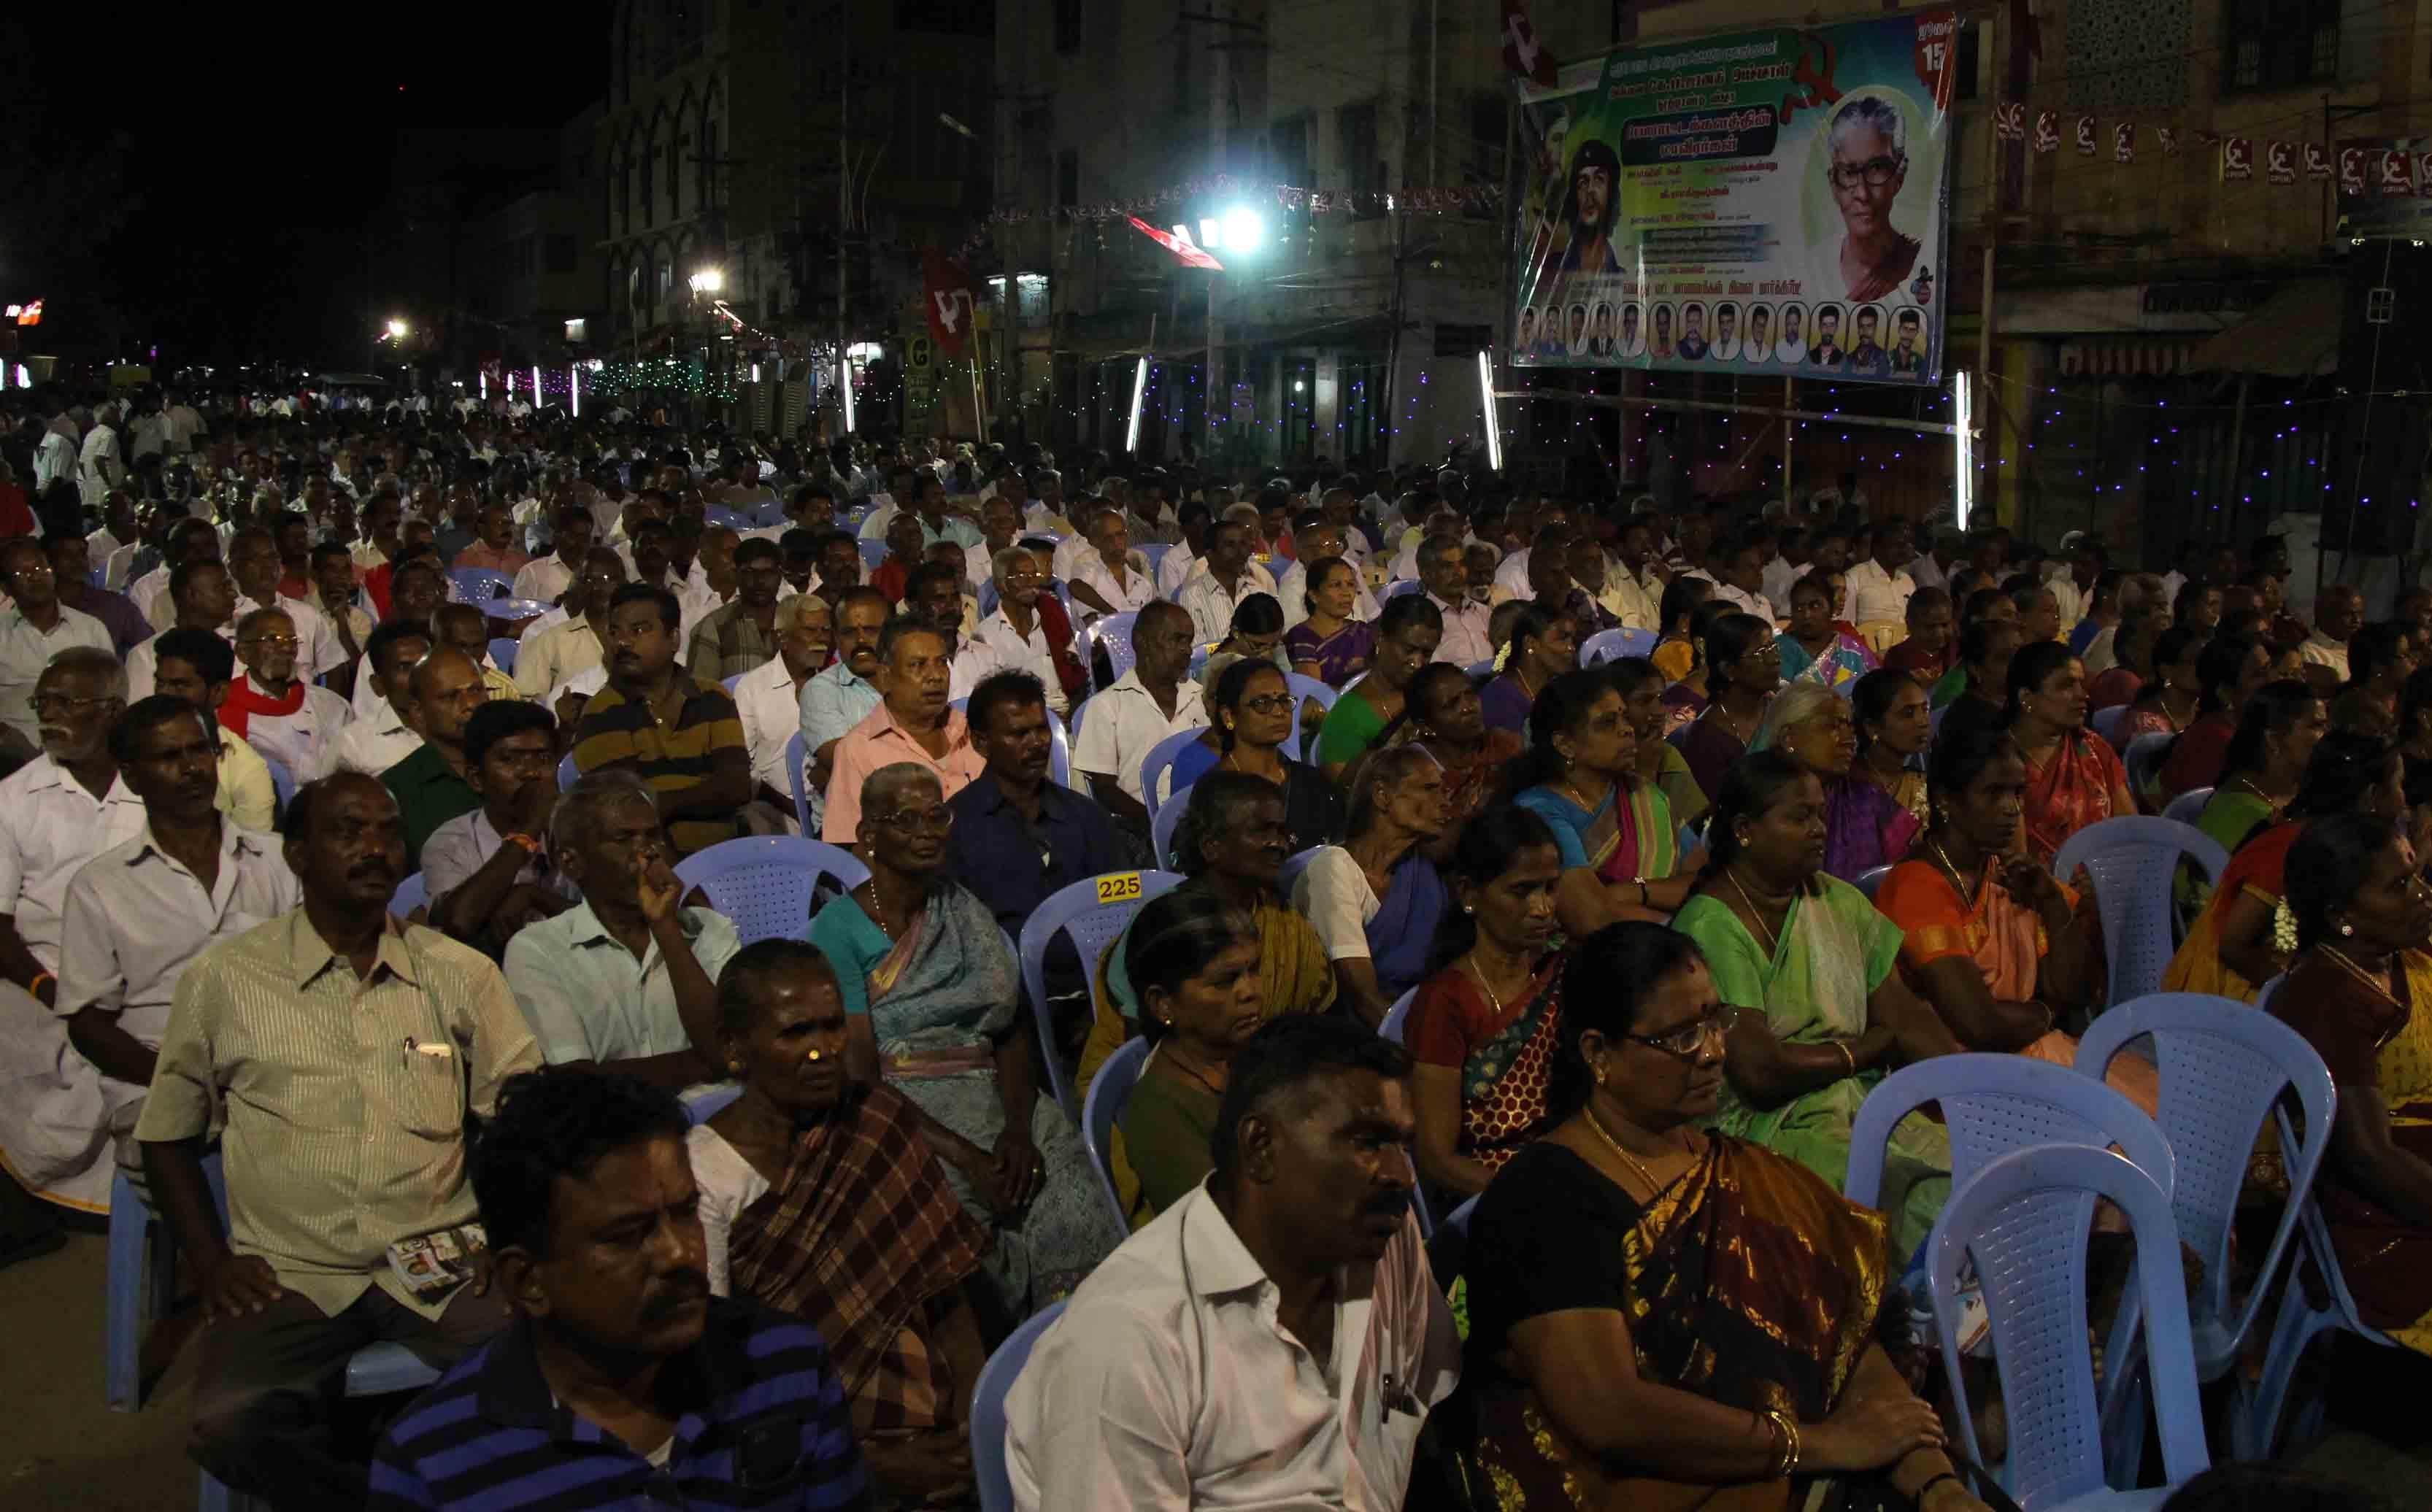 தோழர் கே.பி.ஜானகியம்மாள் நூற்றாண்டு விழா....